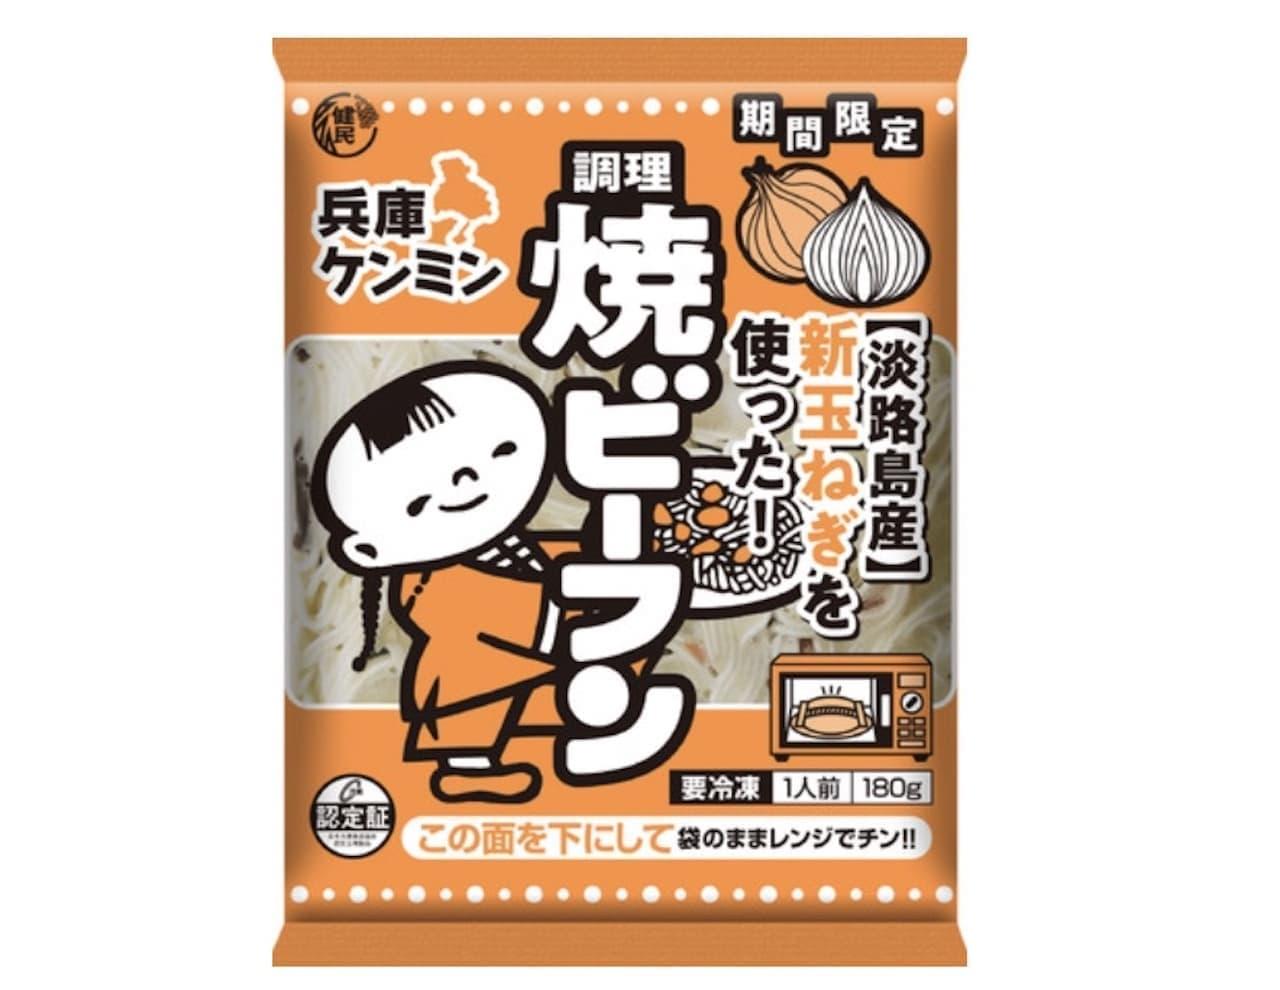 「兵庫ケンミン焼ビーフン」47都道府ケンミン焼ビーフン第3弾